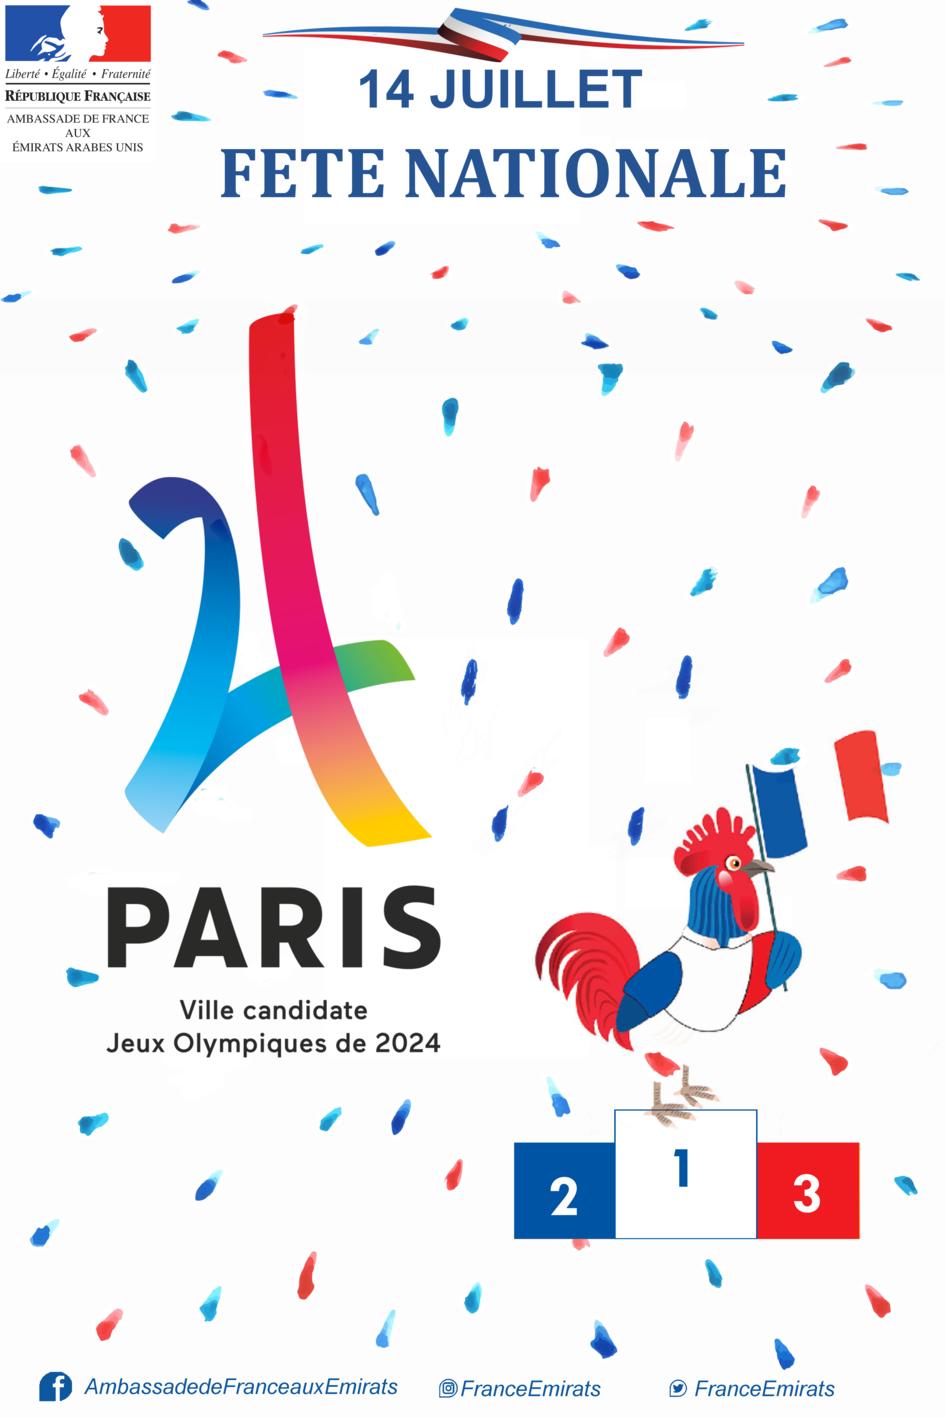 Fete Nationale Du 14 Juillet 2017 La France Aux Emirats Arabes Unis